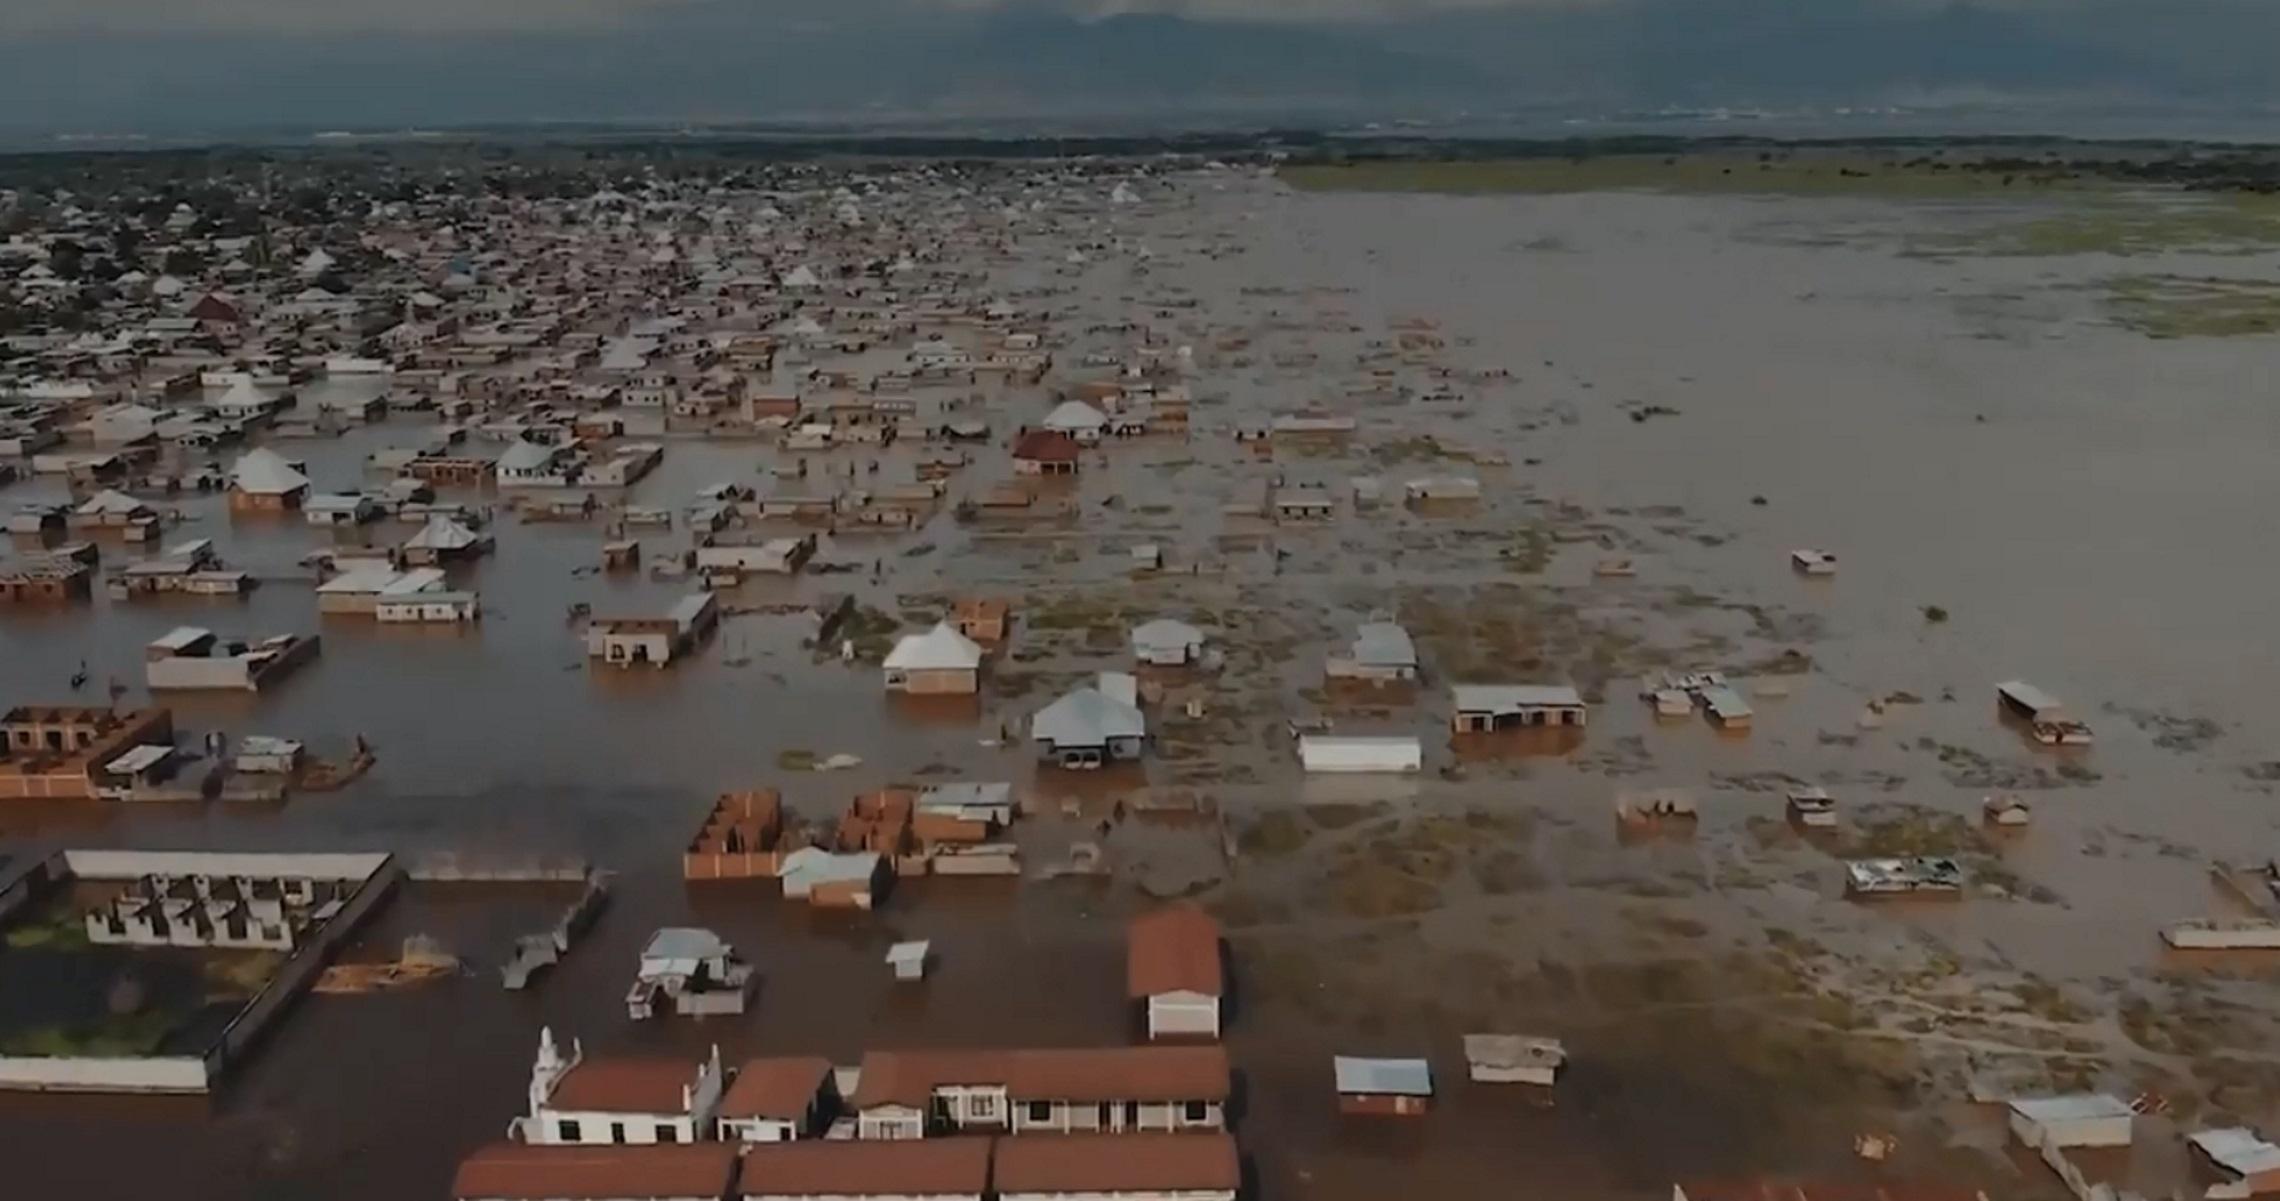 Μπουρούντι – Καταστροφικές πλημμύρες: Πάνω από 100.000 άστεγοι – Σκέπασε τα πάντα η λίμνη Τανγκανίκα